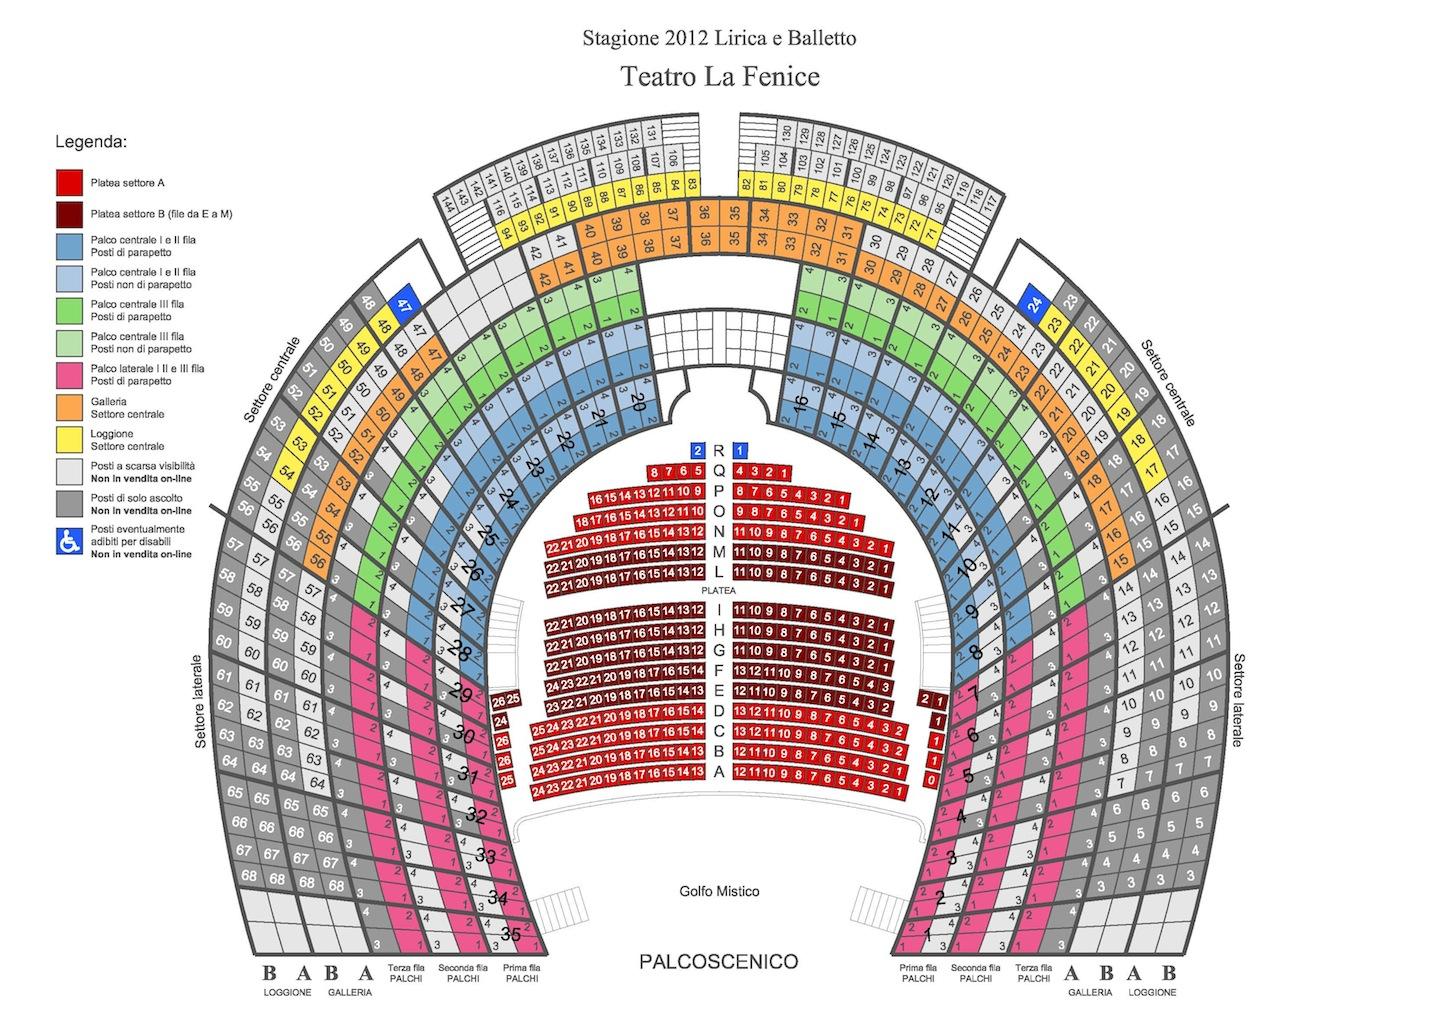 Схема зала театра Ла Фениче / La Fenice